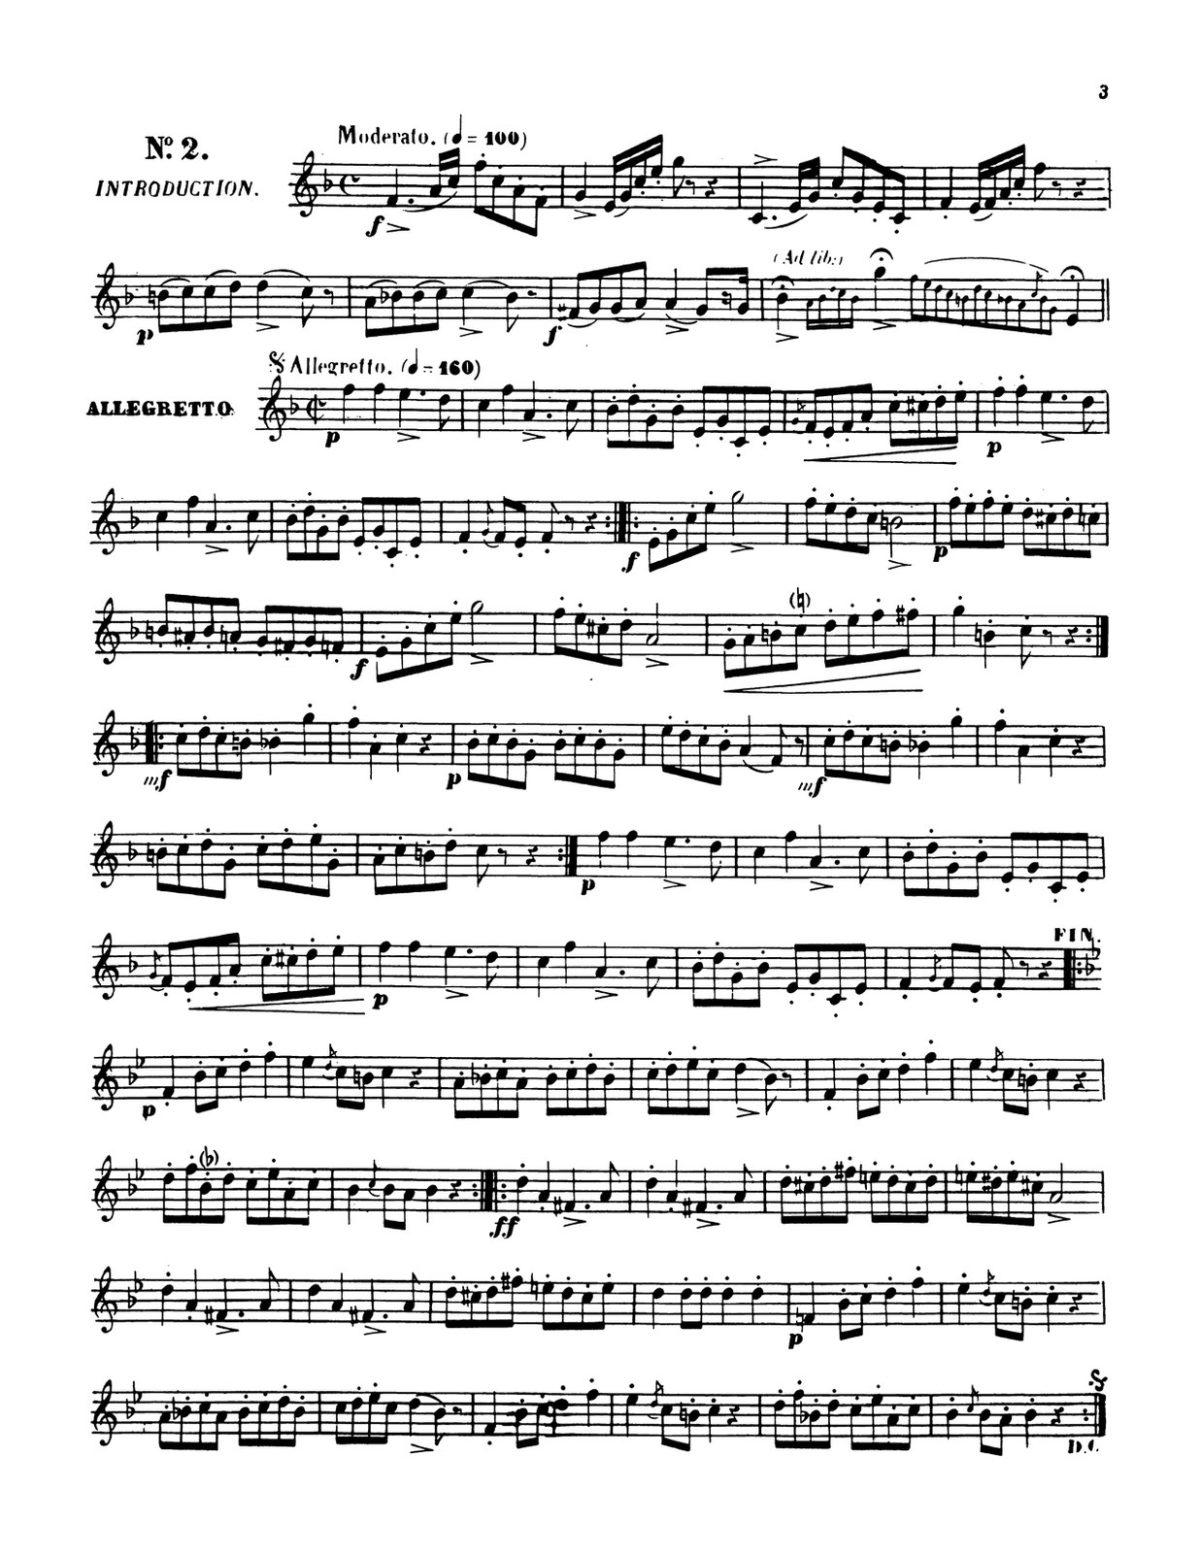 Clodomir, Modern Trumpet School 3, 20 Cute Studies-p03